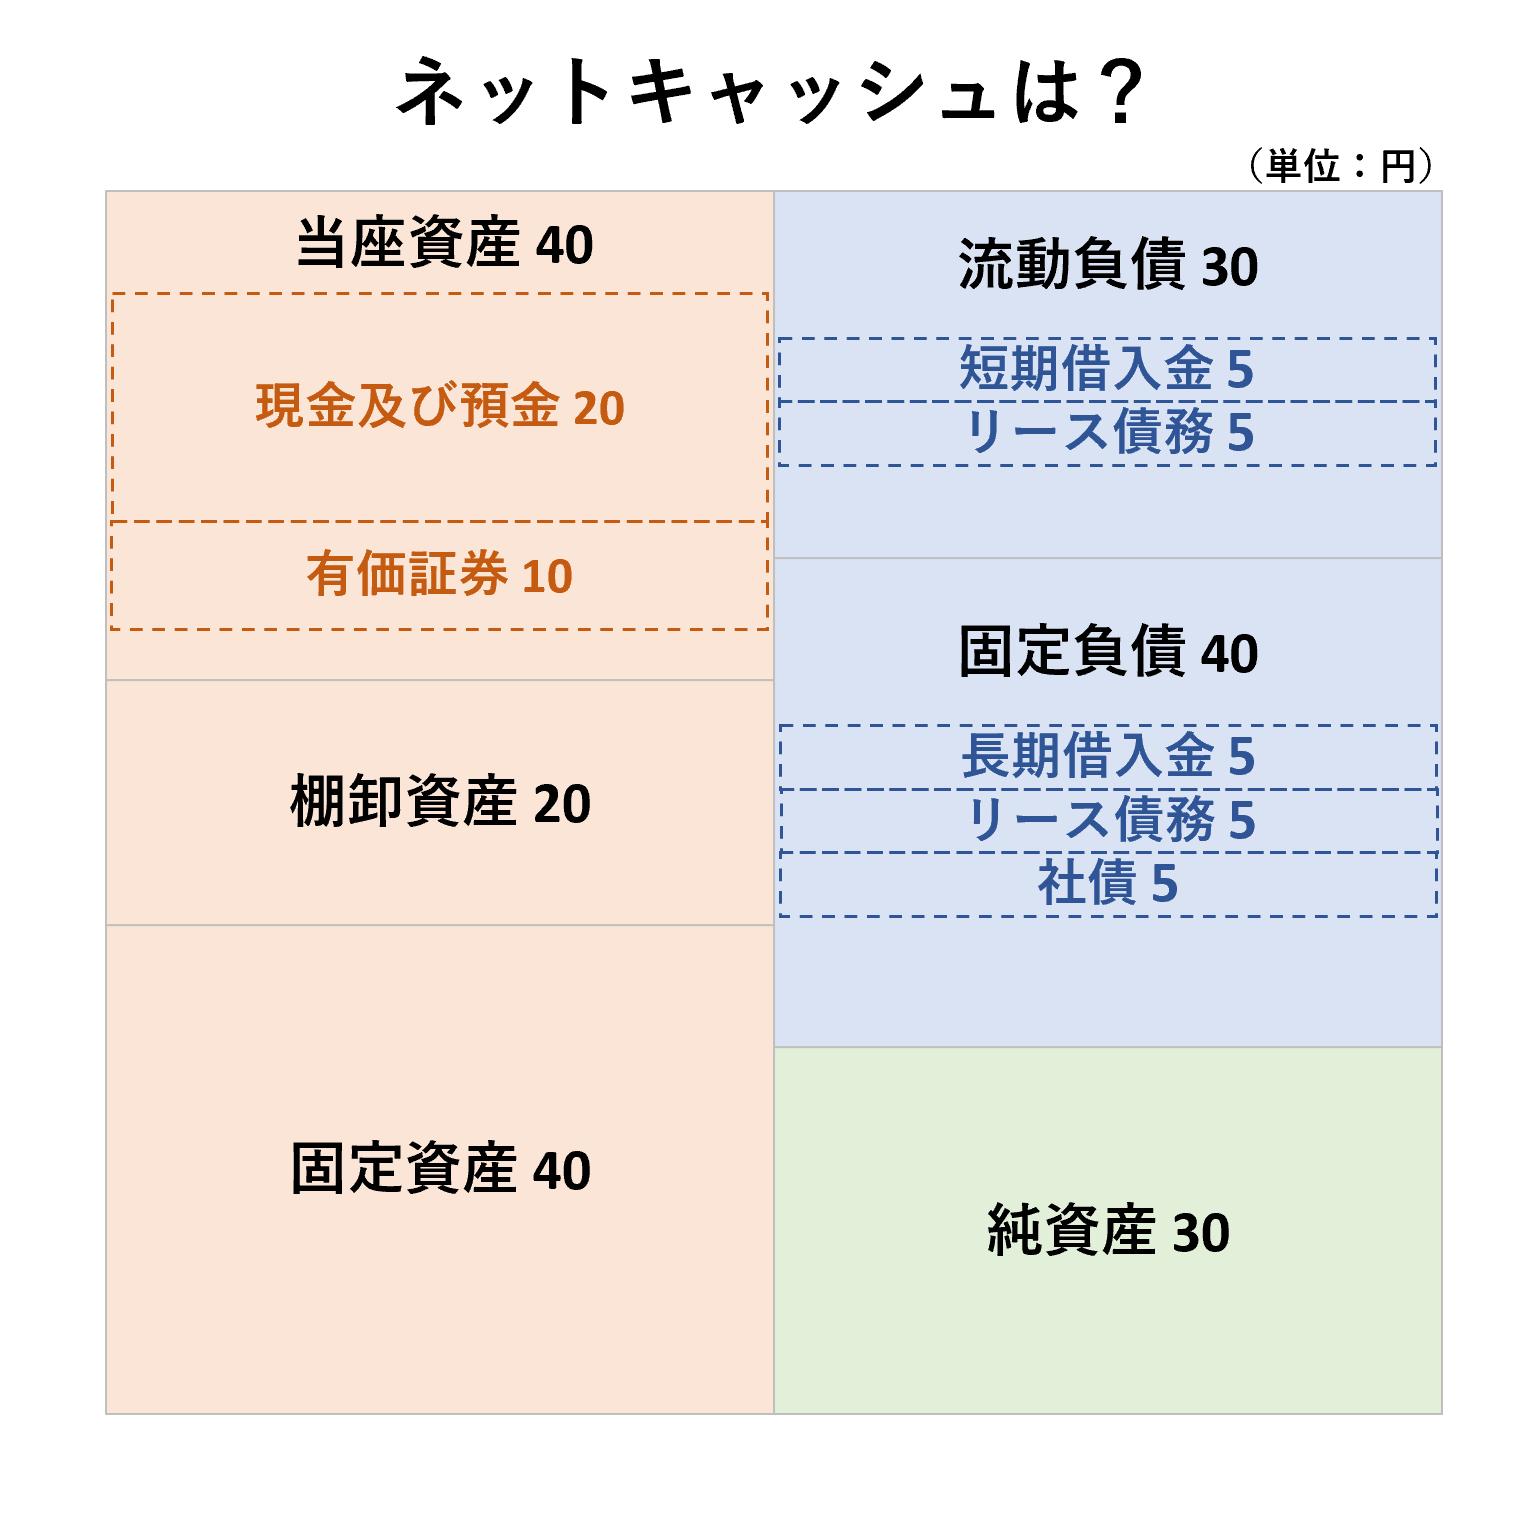 安全性分析(2級):ネットキャッシュー問題